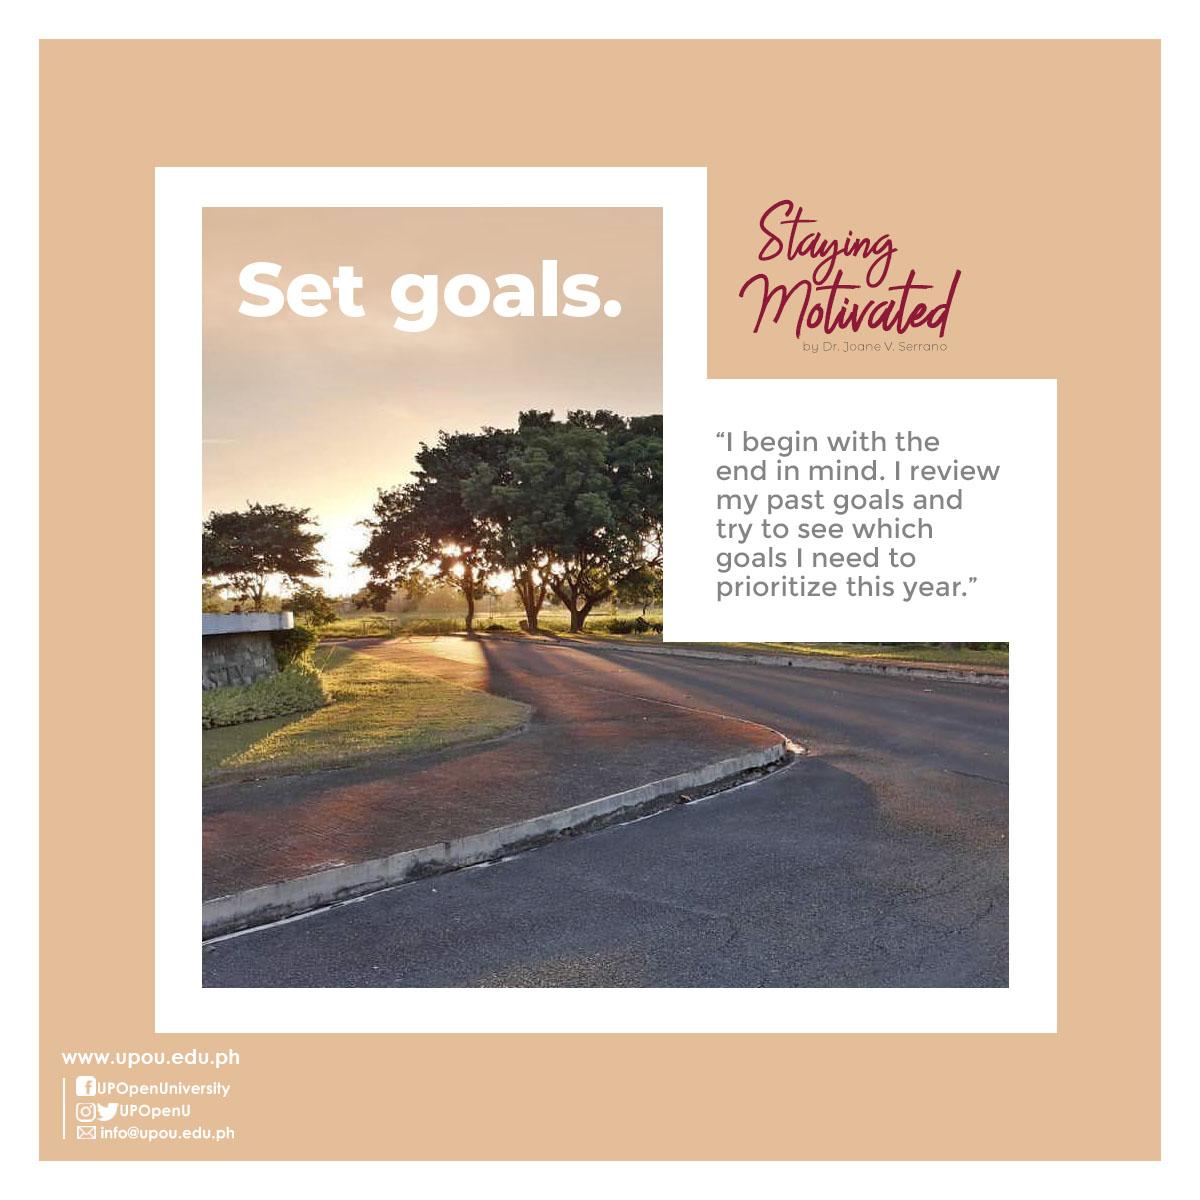 2-Set goals